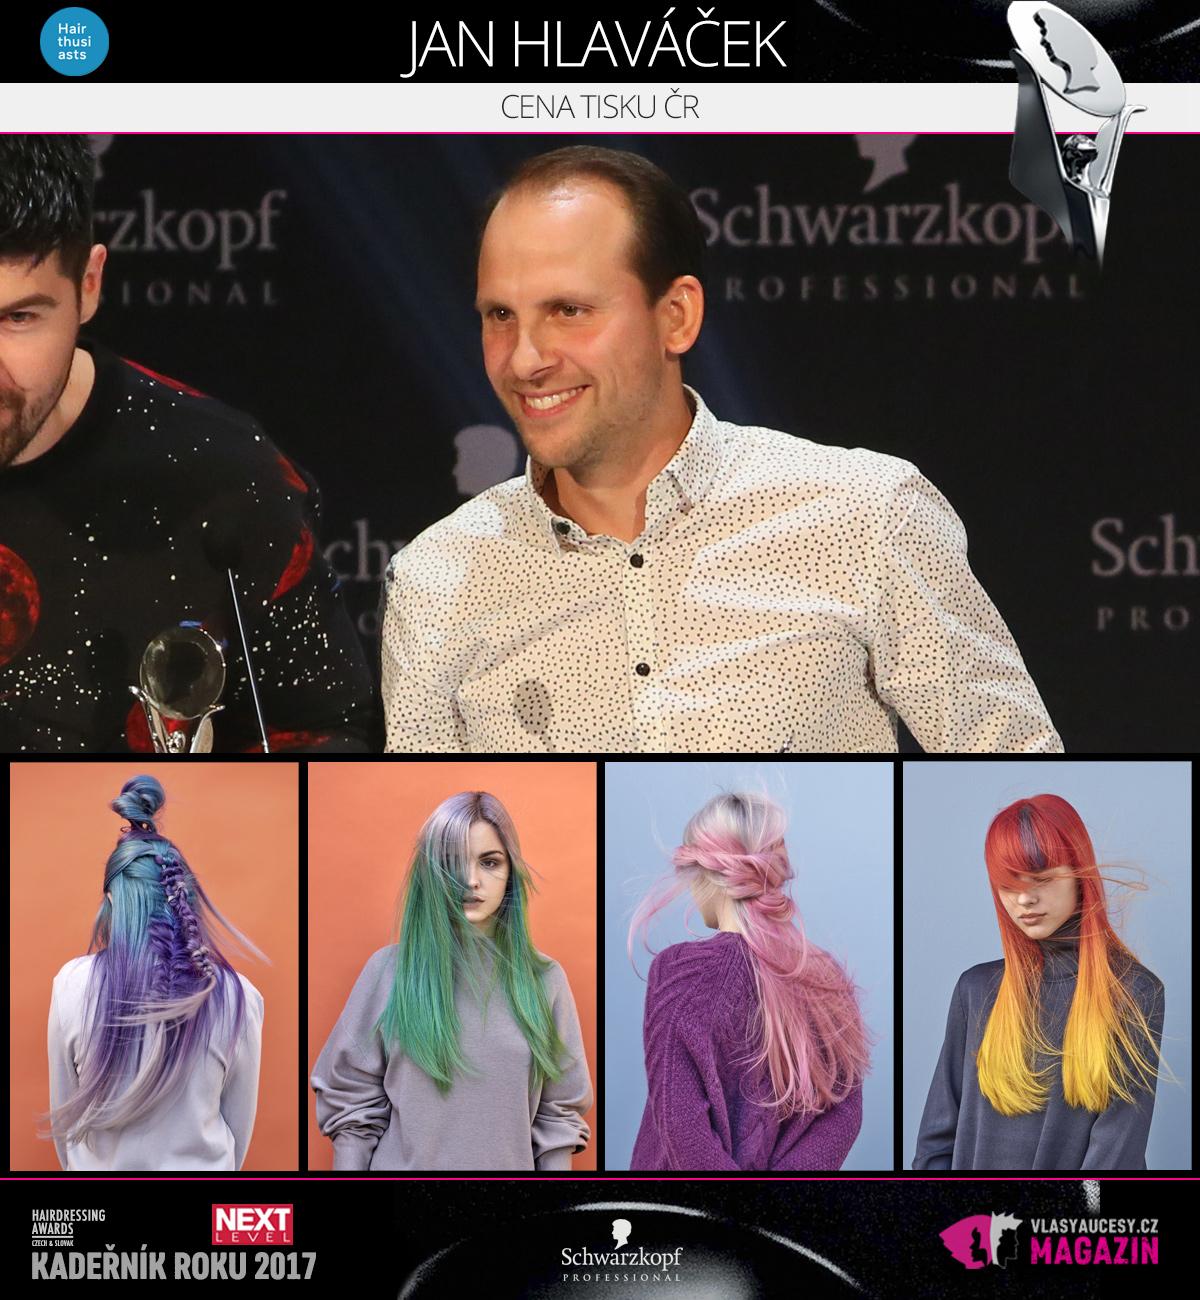 Jan Hlaváček (Hairthusiasts) – Cena tisku CZ 2017 soutěže Czech&Slovak Hairdressing Awards.